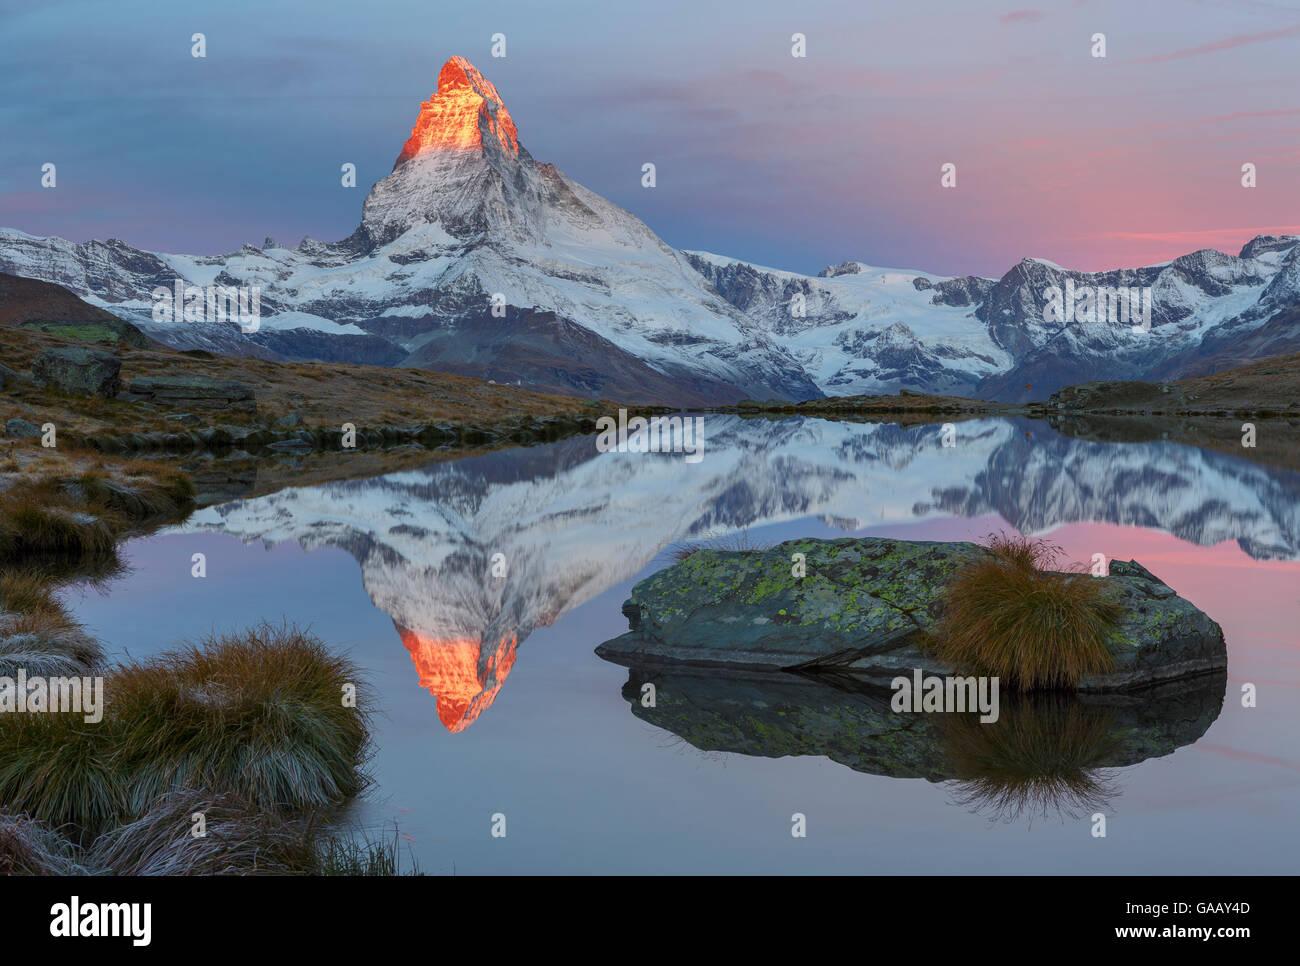 Matterhorn (4,478m) al amanecer, con reflejo en el lago Stellisee, Zermatt, Suiza, septiembre de 2012. Imagen De Stock